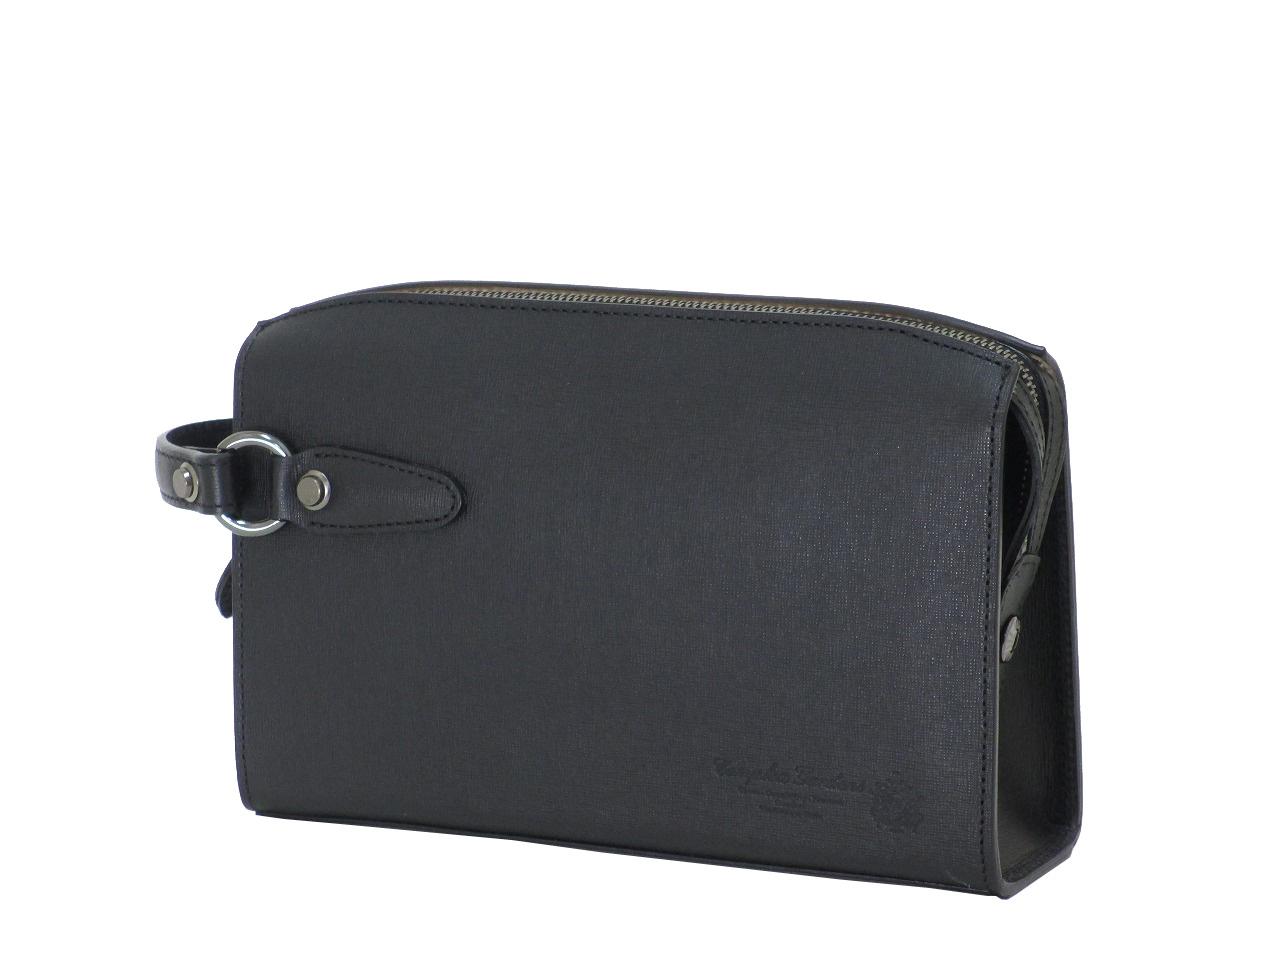 青木鞄 COMPLEX GARDENS コンプレックスガーデンズ 慧可 メンズ 牛革 セカンドバッグ 3931